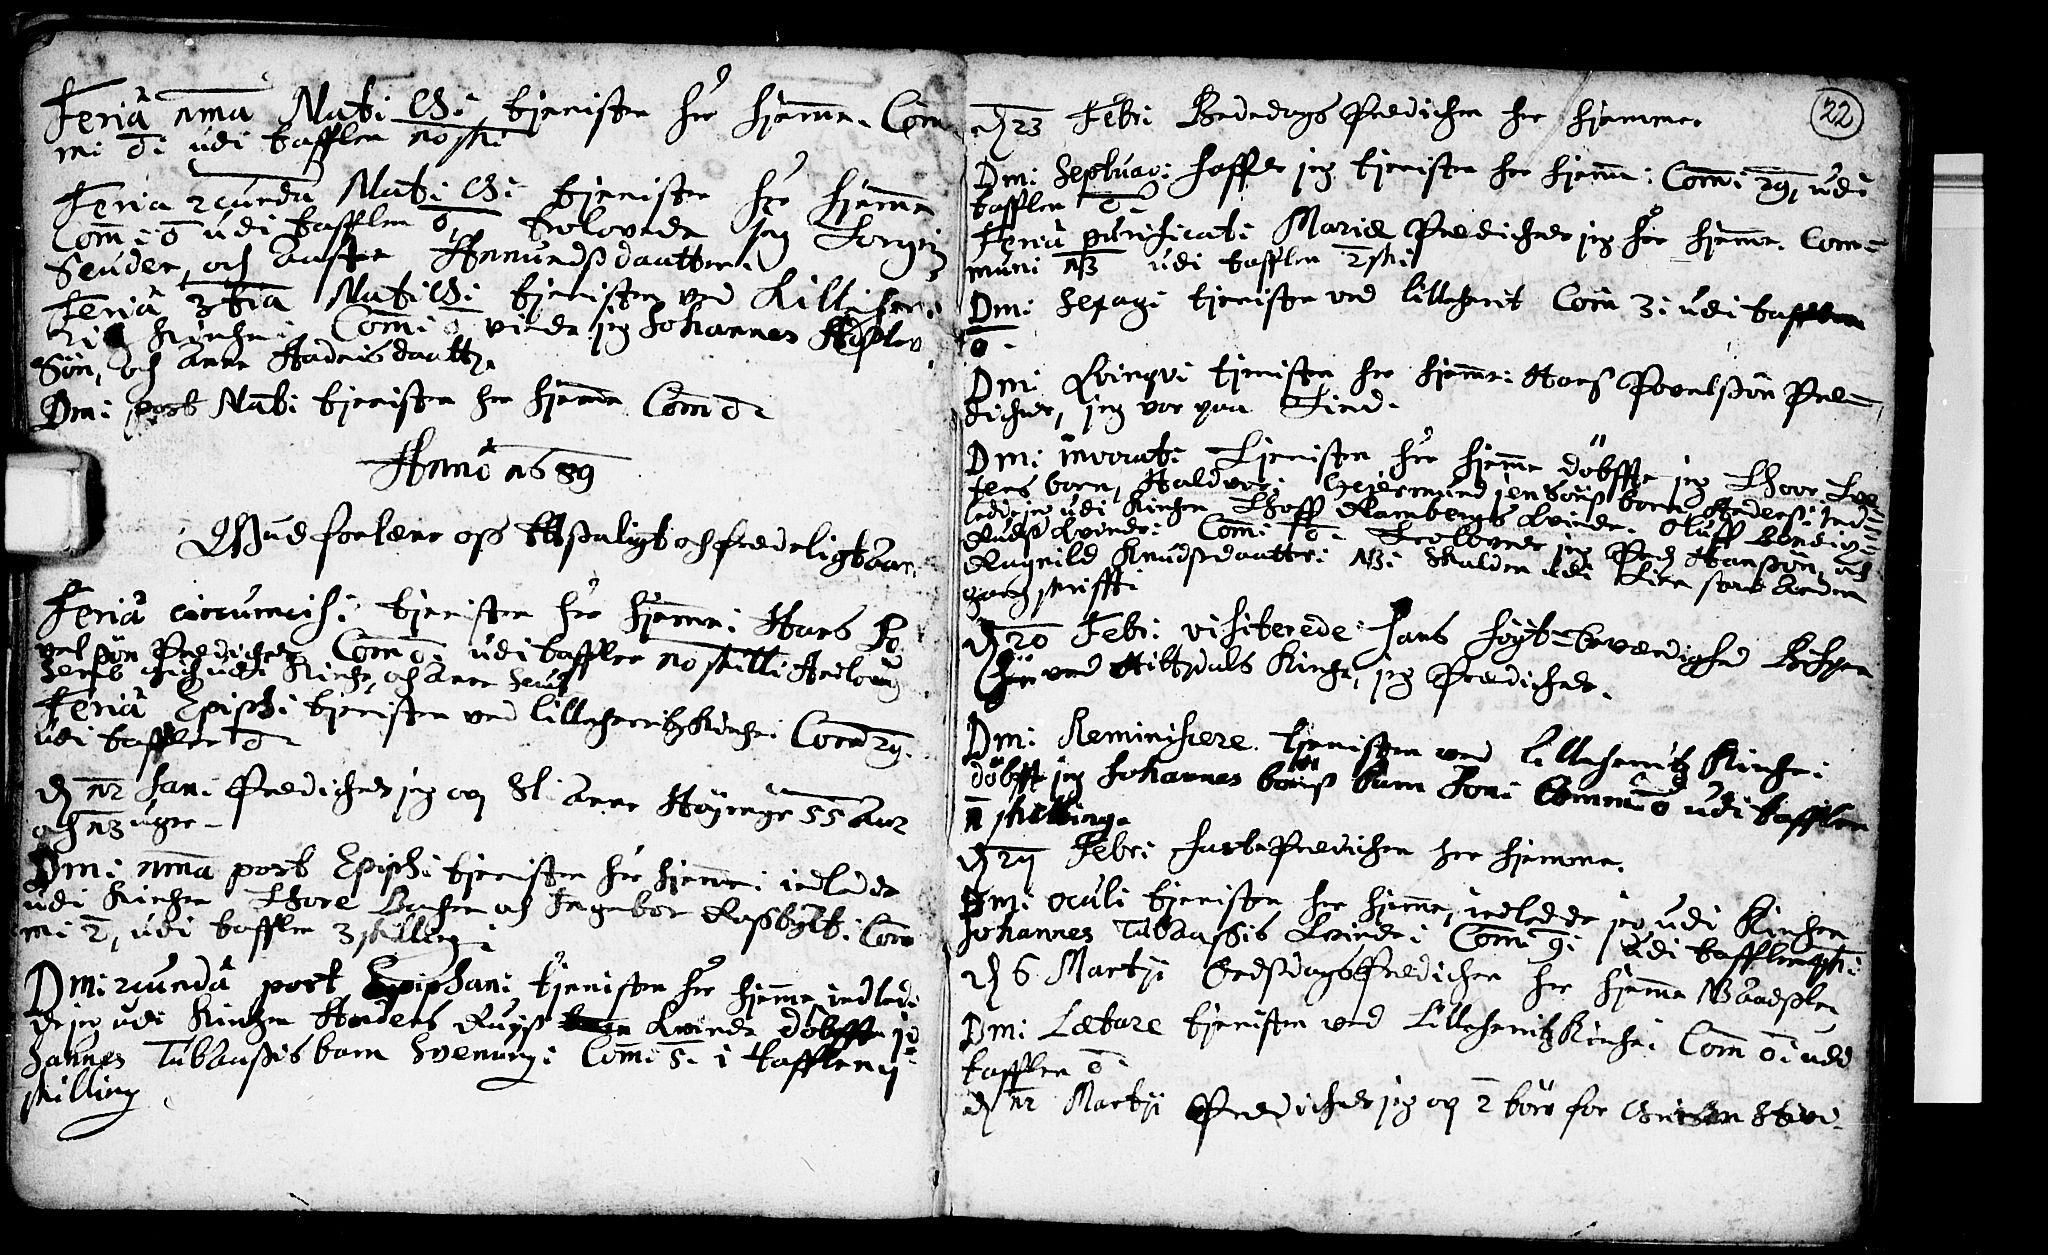 SAKO, Heddal kirkebøker, F/Fa/L0001: Ministerialbok nr. I 1, 1648-1699, s. 22